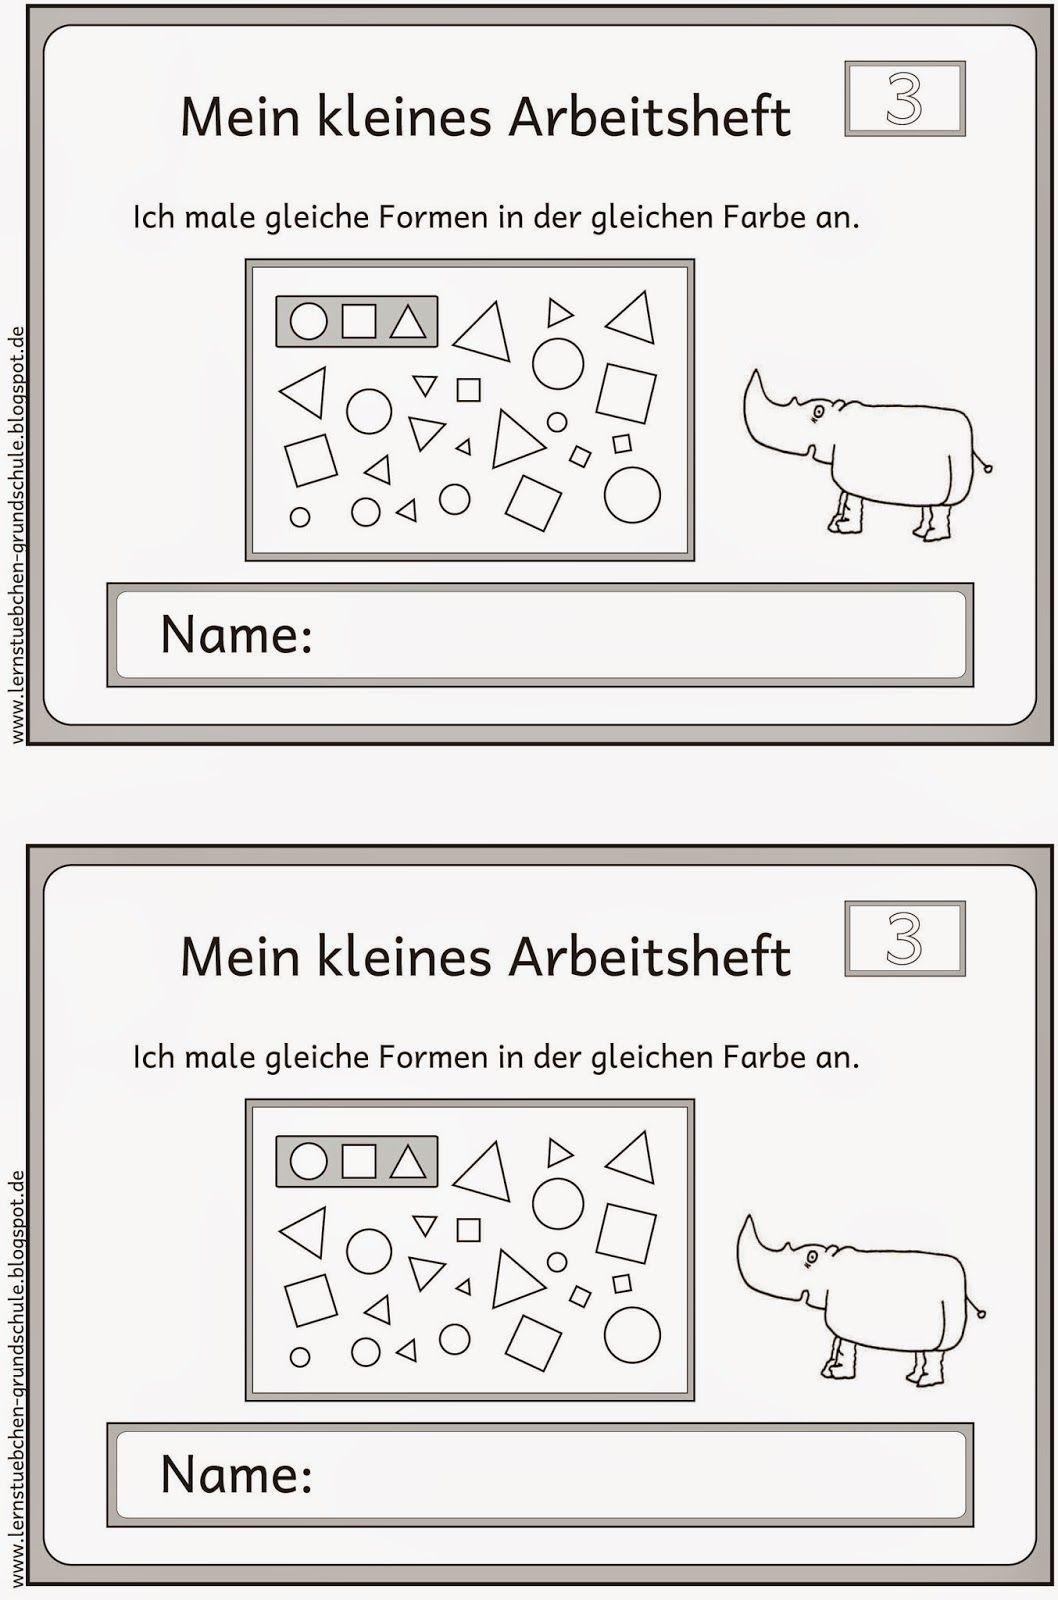 gleiche Formen gleich anmalen (3) | Kindergarten, Math and School